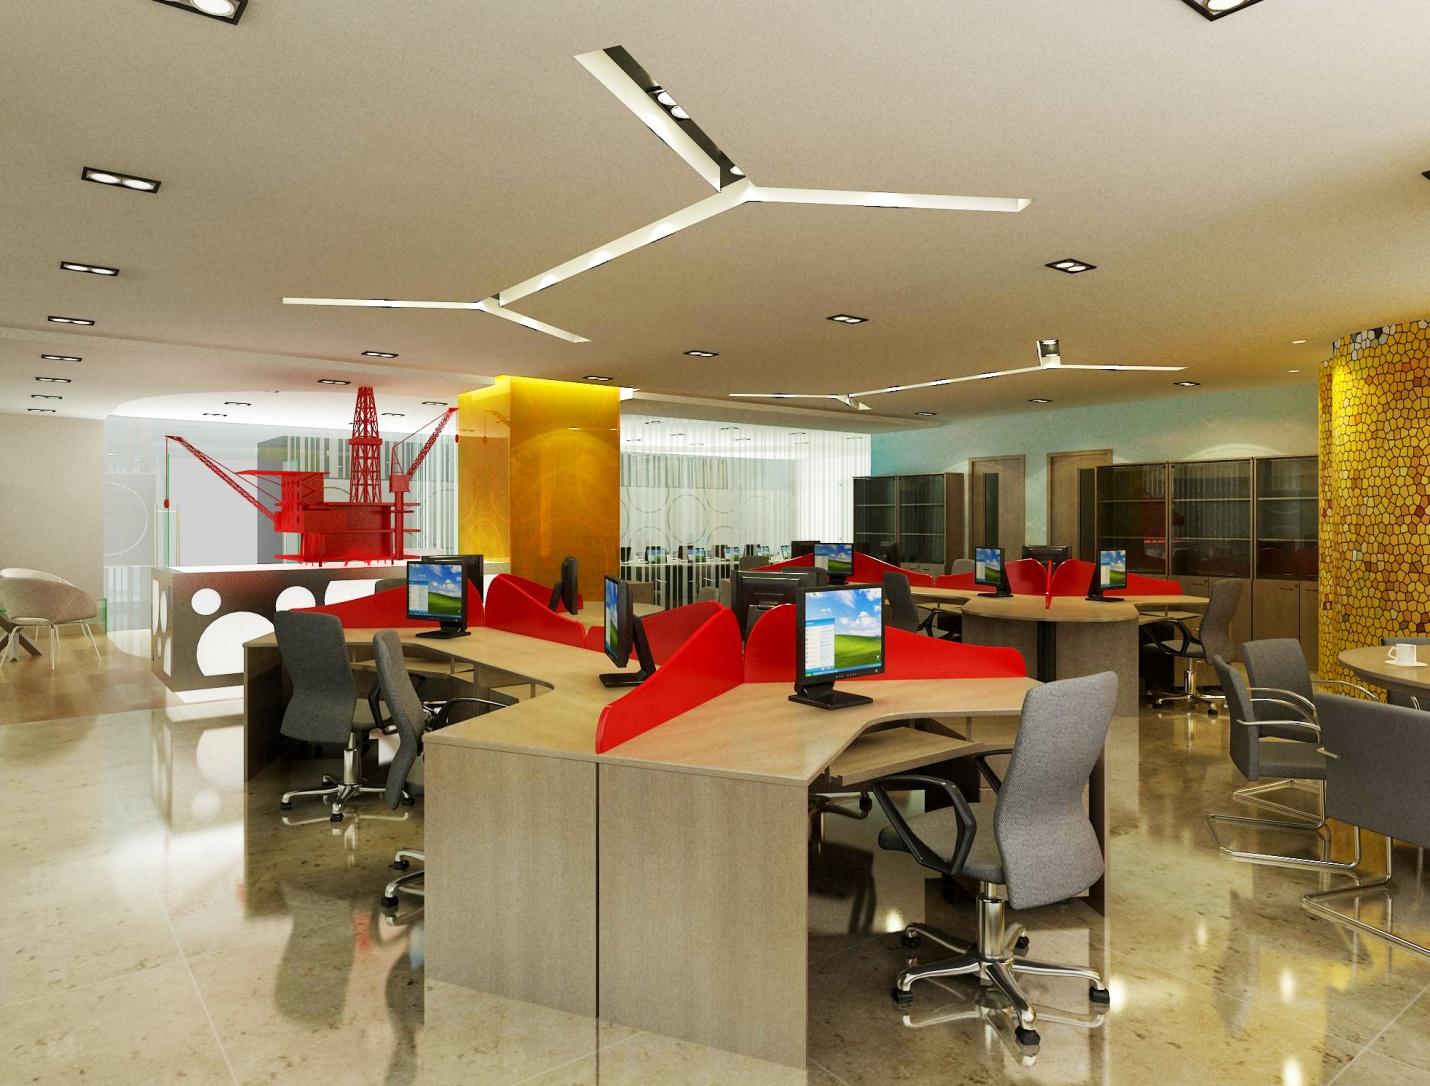 Tư Vấn thiết kế nội thất văn phòng hiện đại đẹp nhất 2019